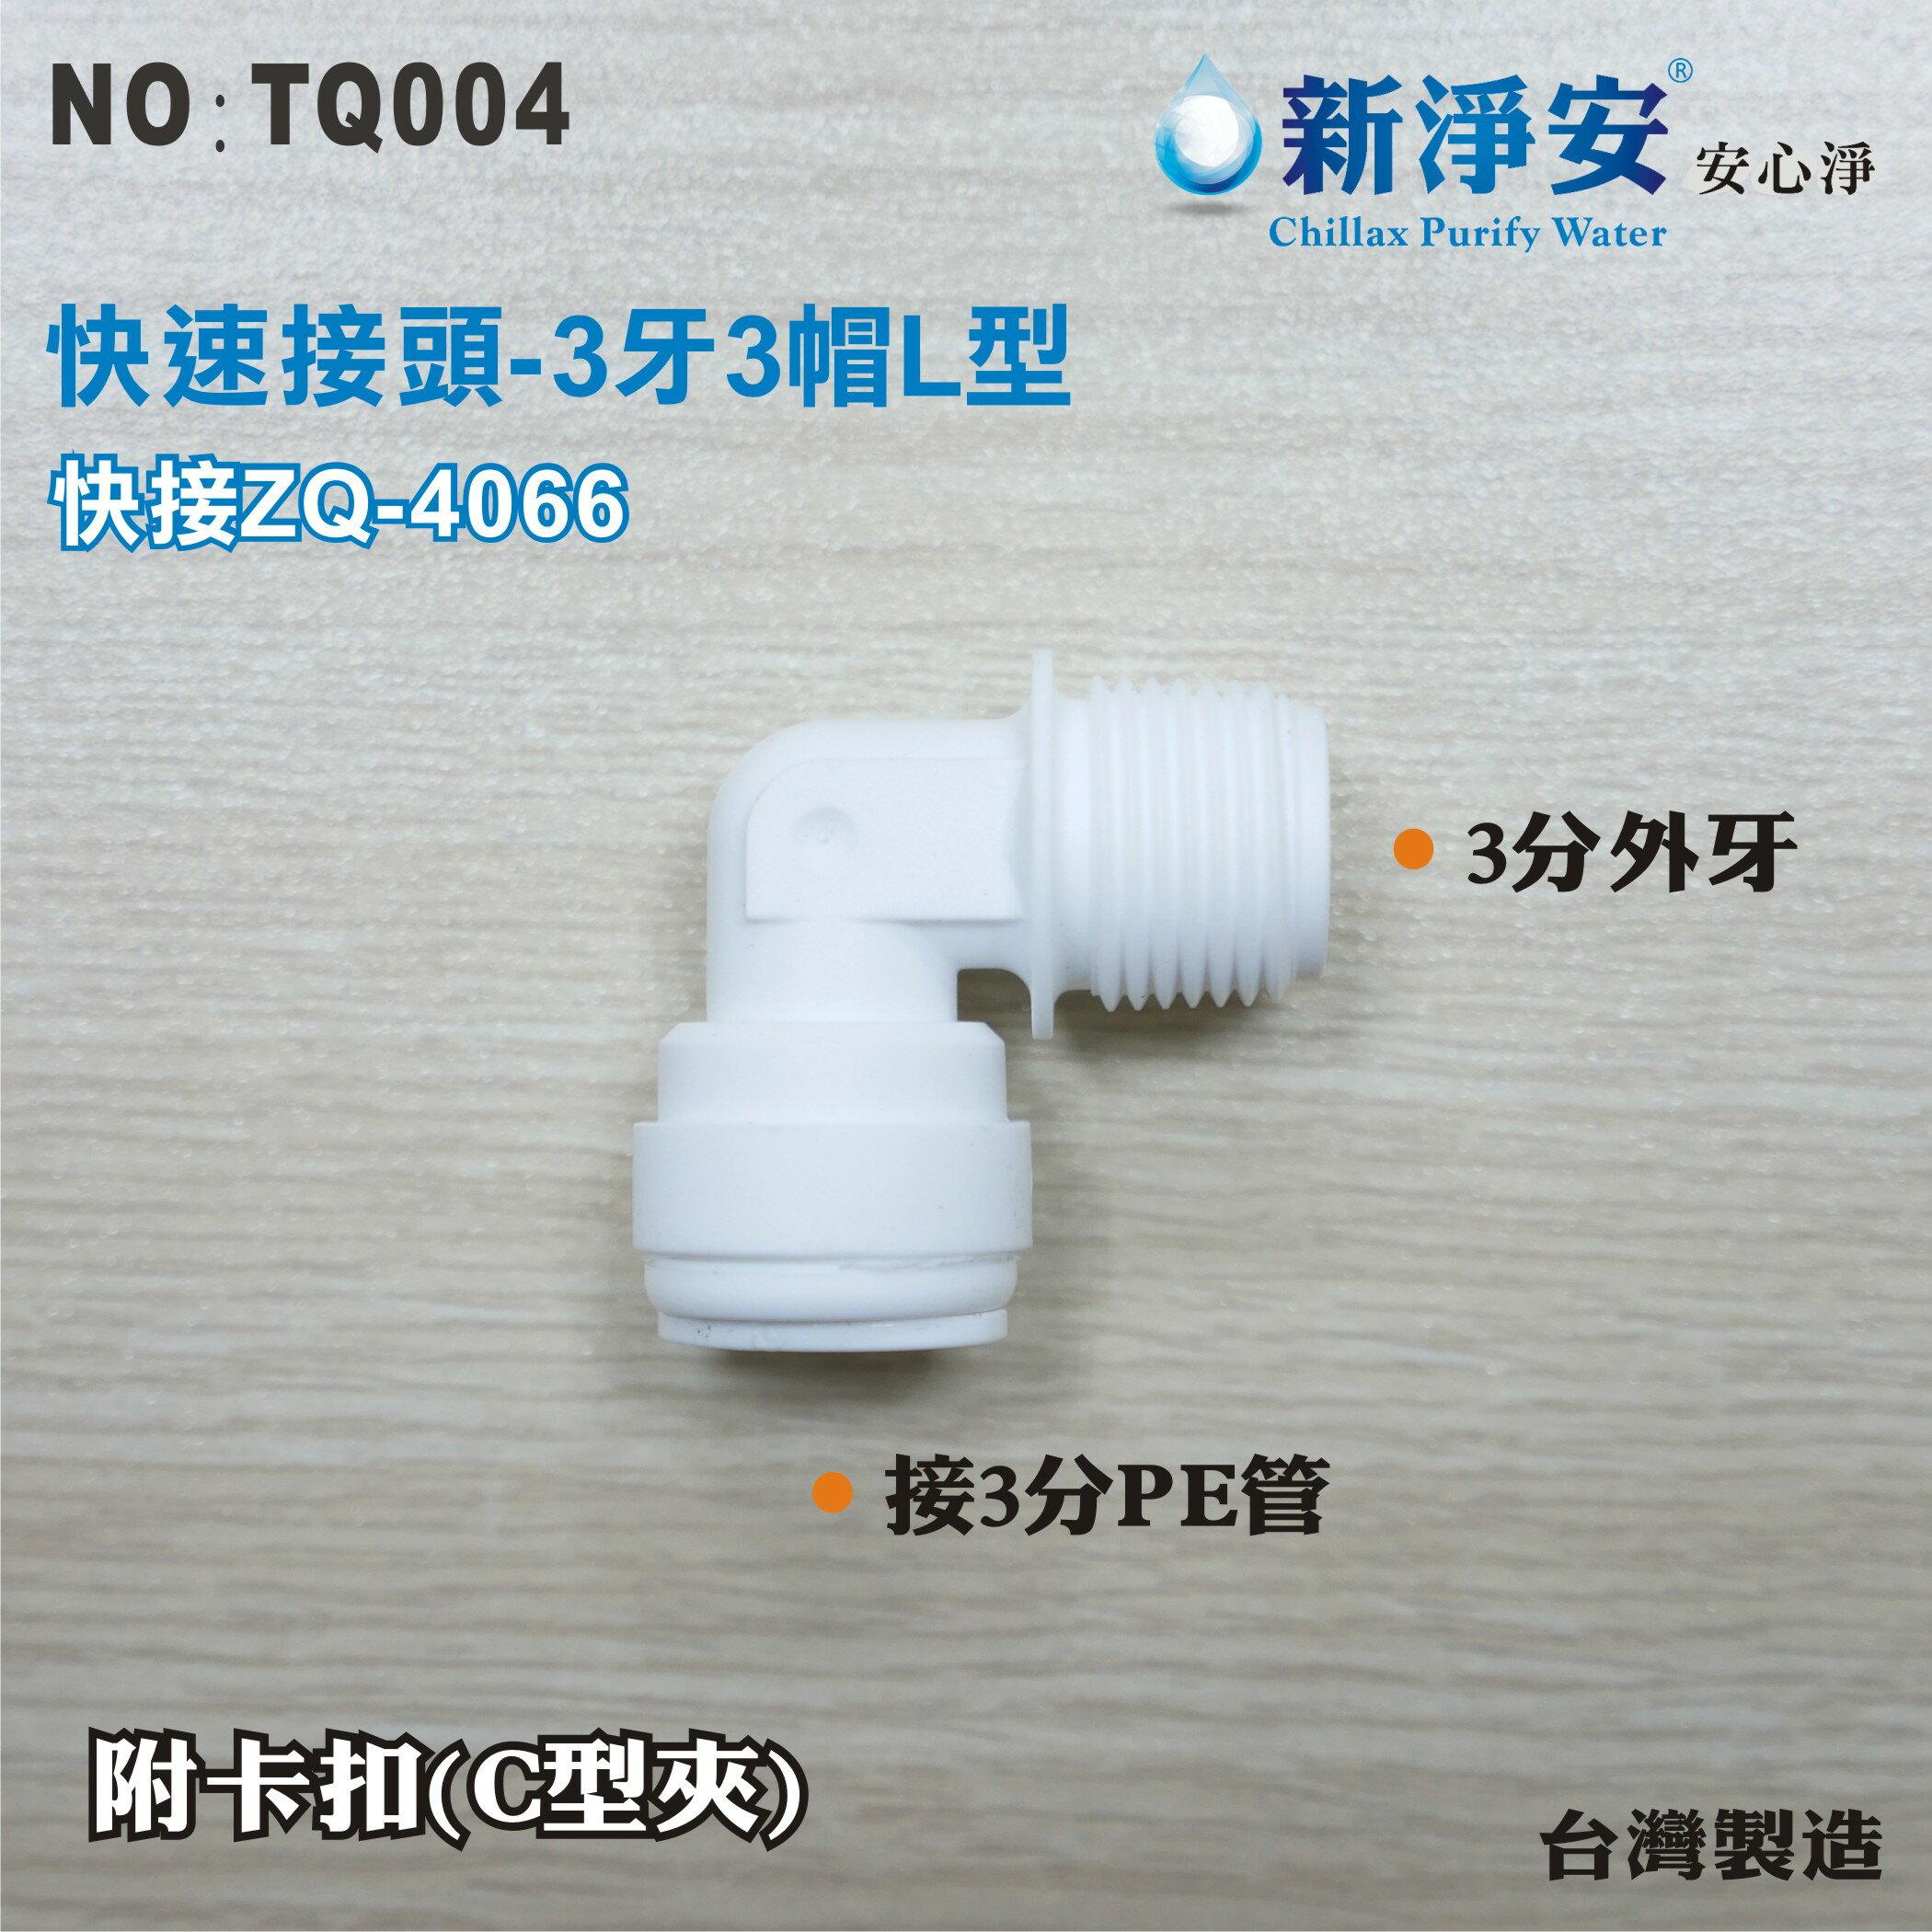 ◆開店慶衝評價◆【新裕淨水】ZQ-4066 塑膠快速接頭 3分牙接3分管L型接頭 3牙3帽L型 淨水器用(TQ004)